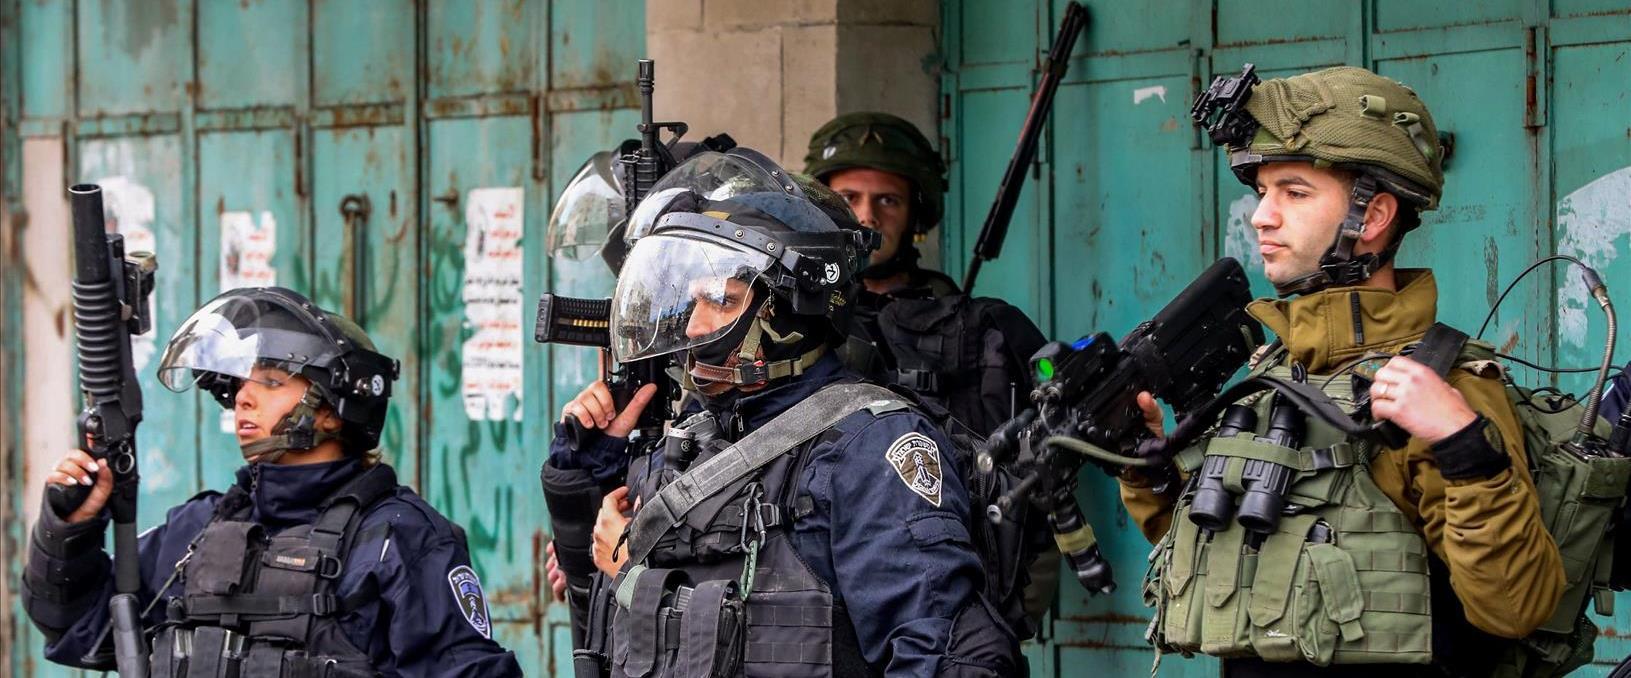 שוטרים פלסטינים וחיילים